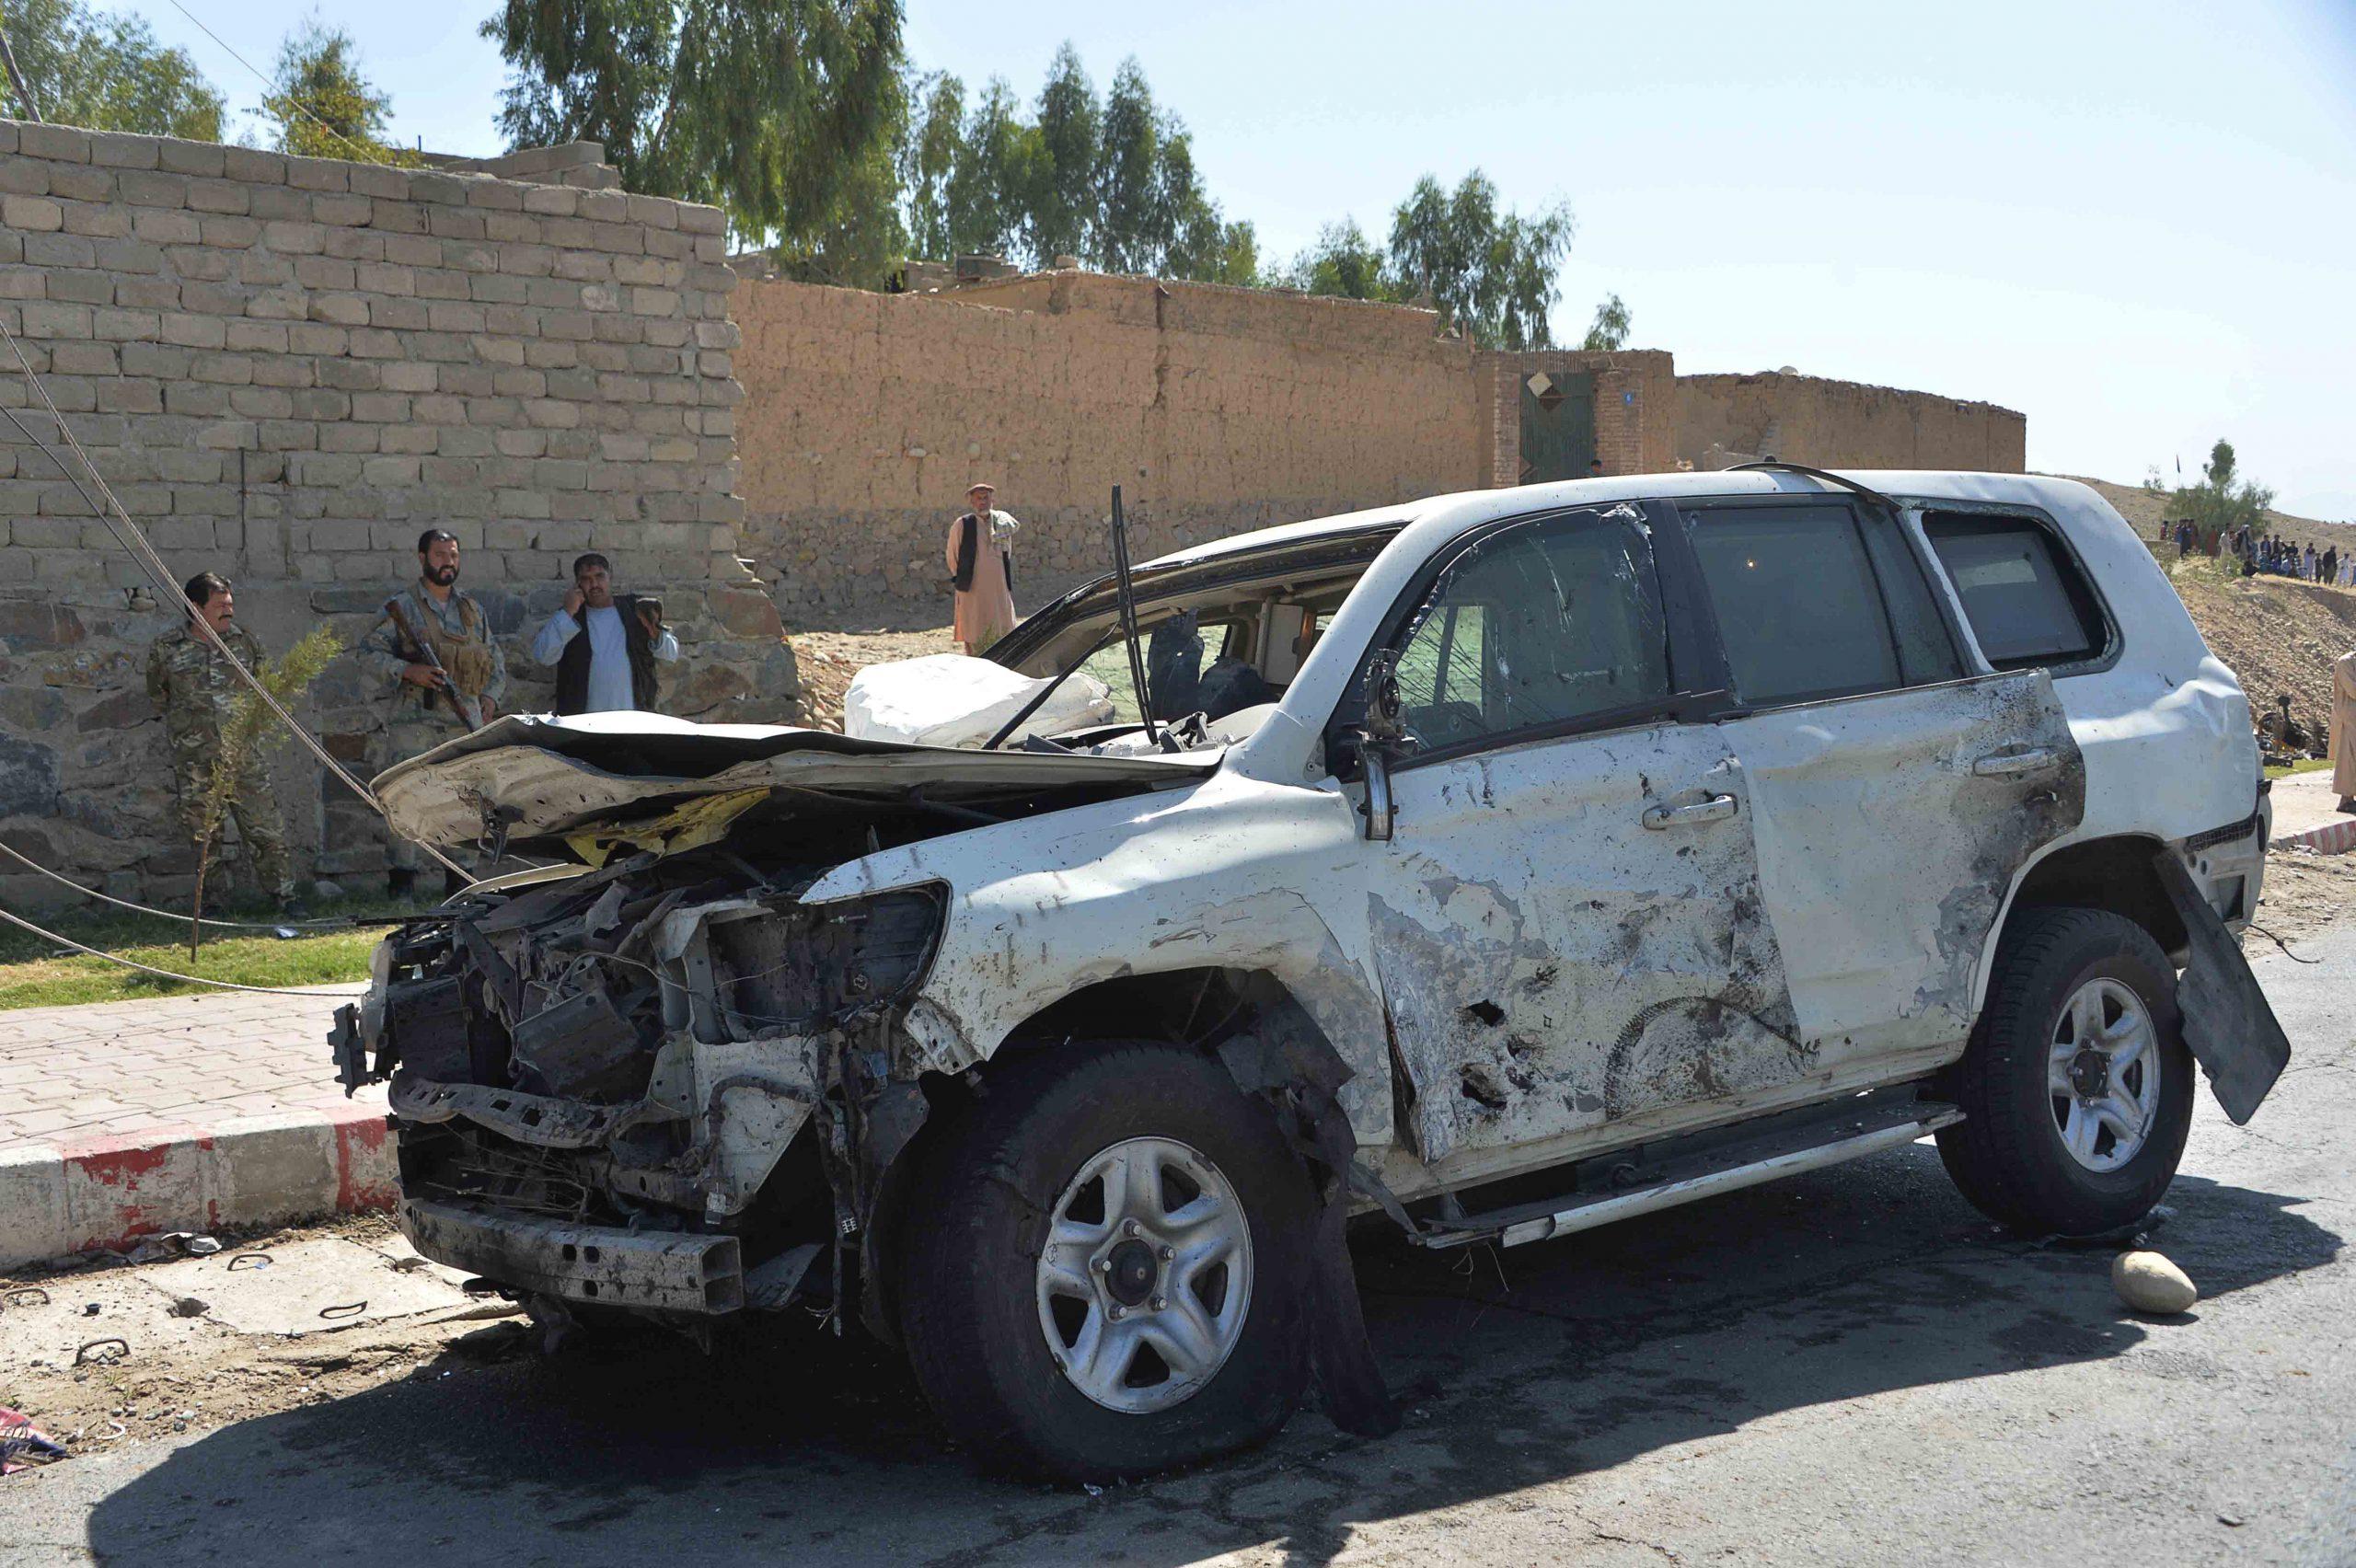 Zunehmende Gewalt: Afghanische Regierung verhängt nächtliche Ausgangssperre